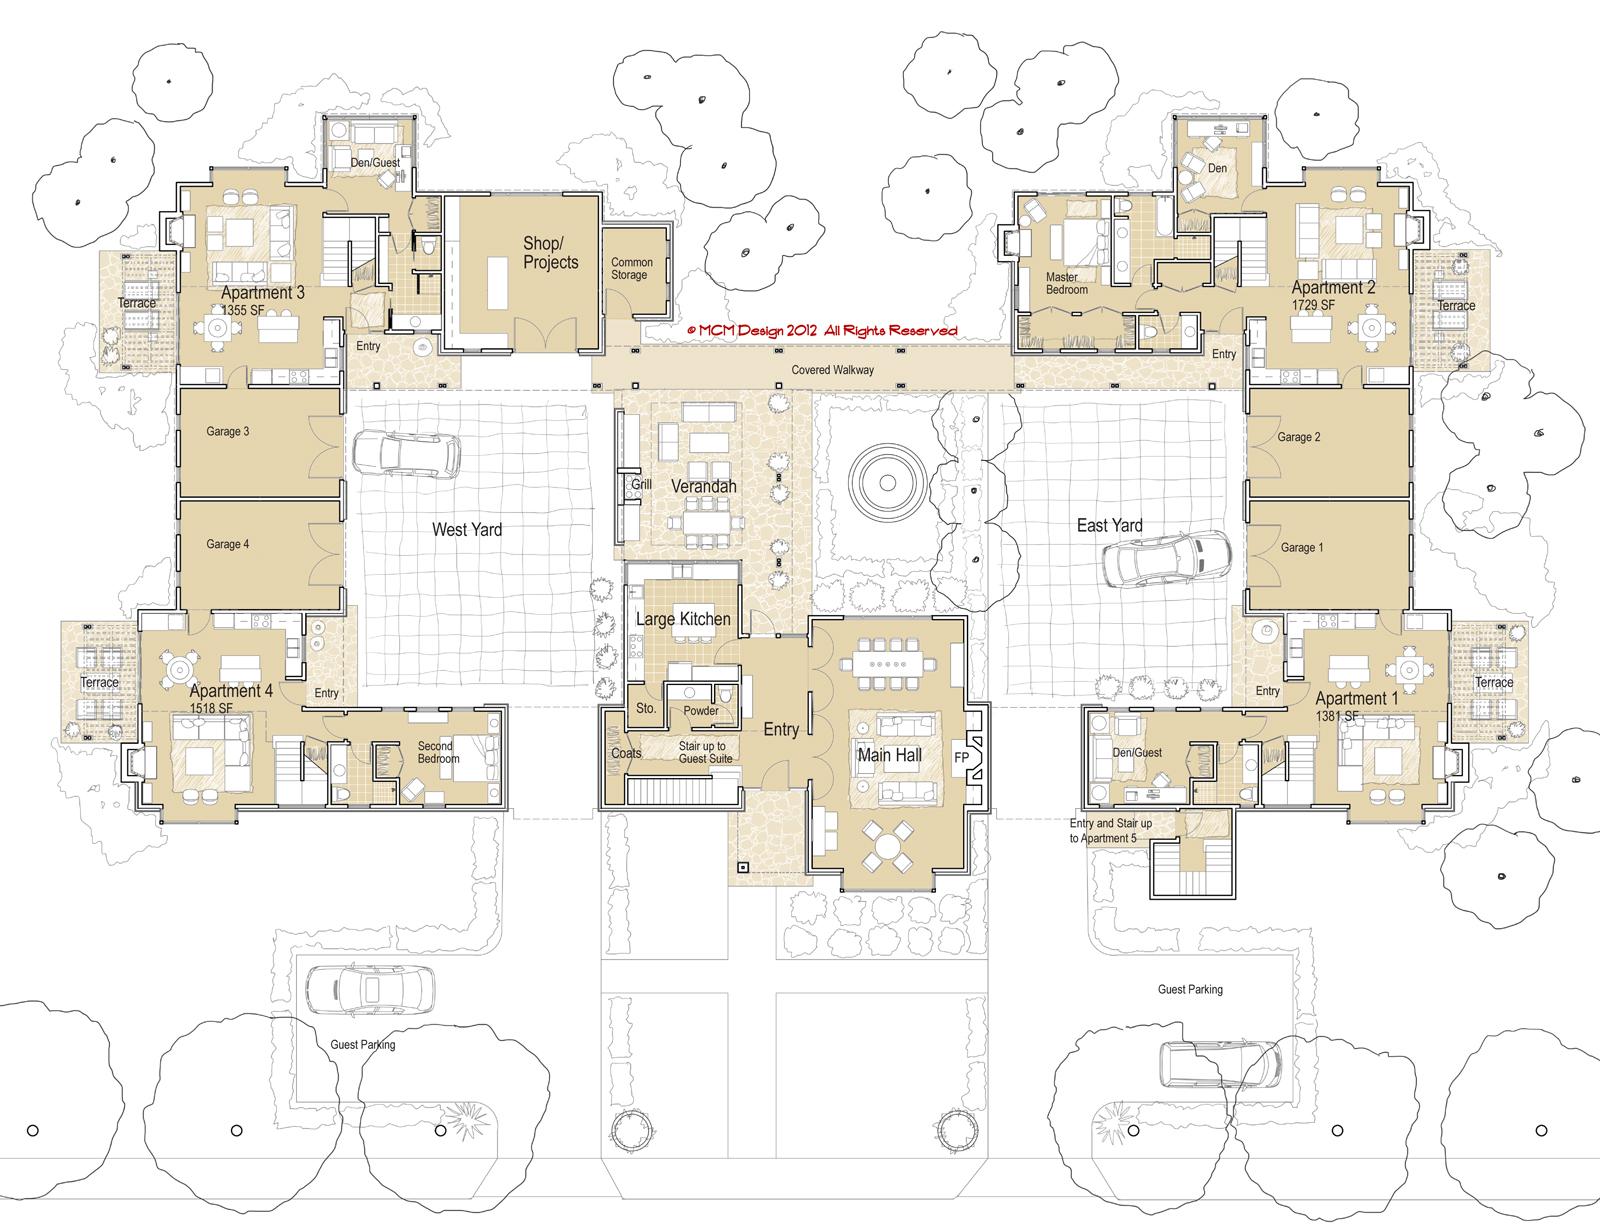 MCM DESIGN: Co-housing Manor Plan